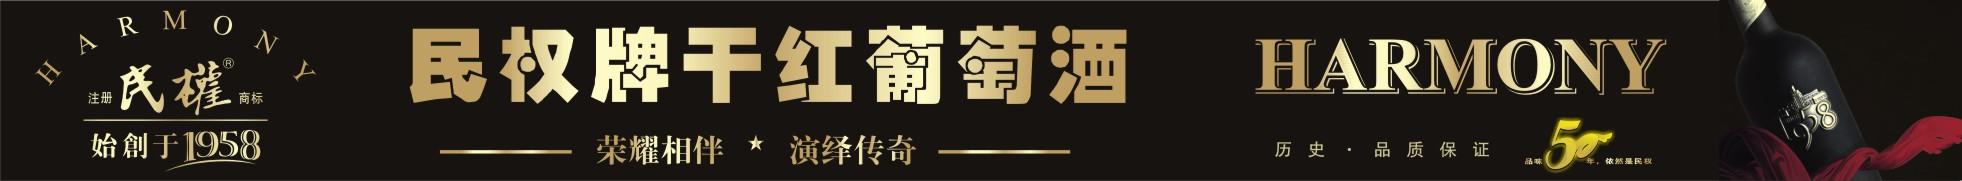 郑州红酒屋